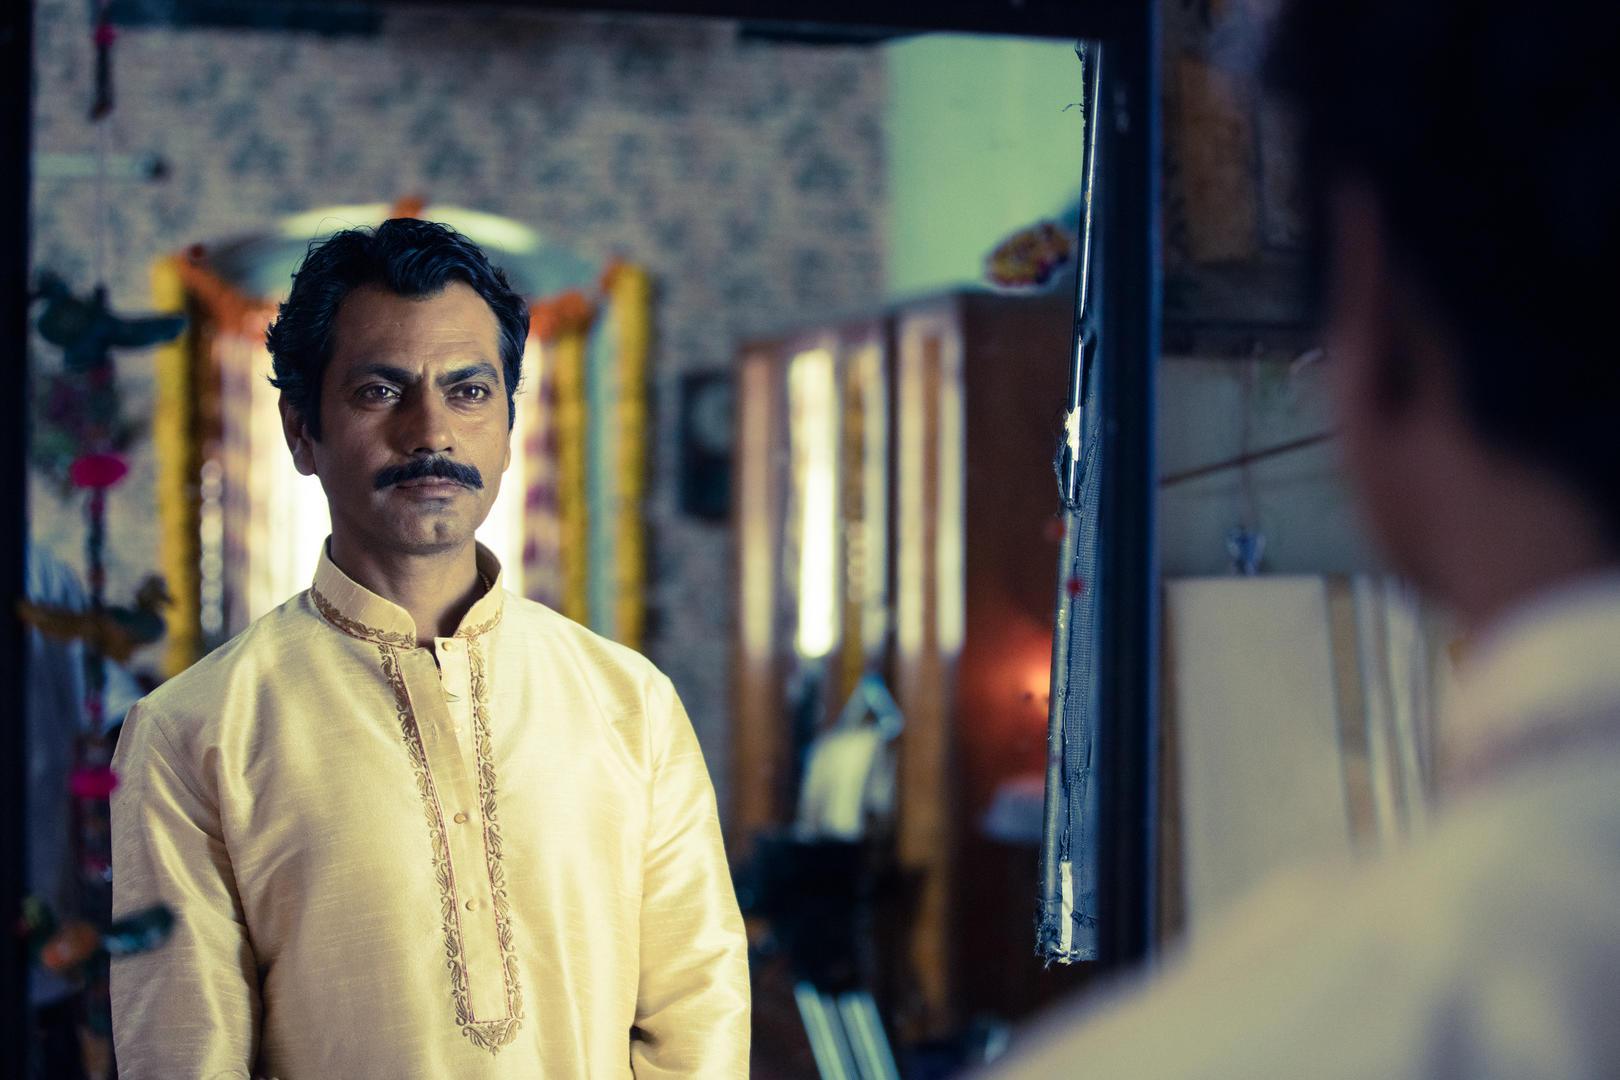 Taimur Ali Khan in New 'Choti' Look